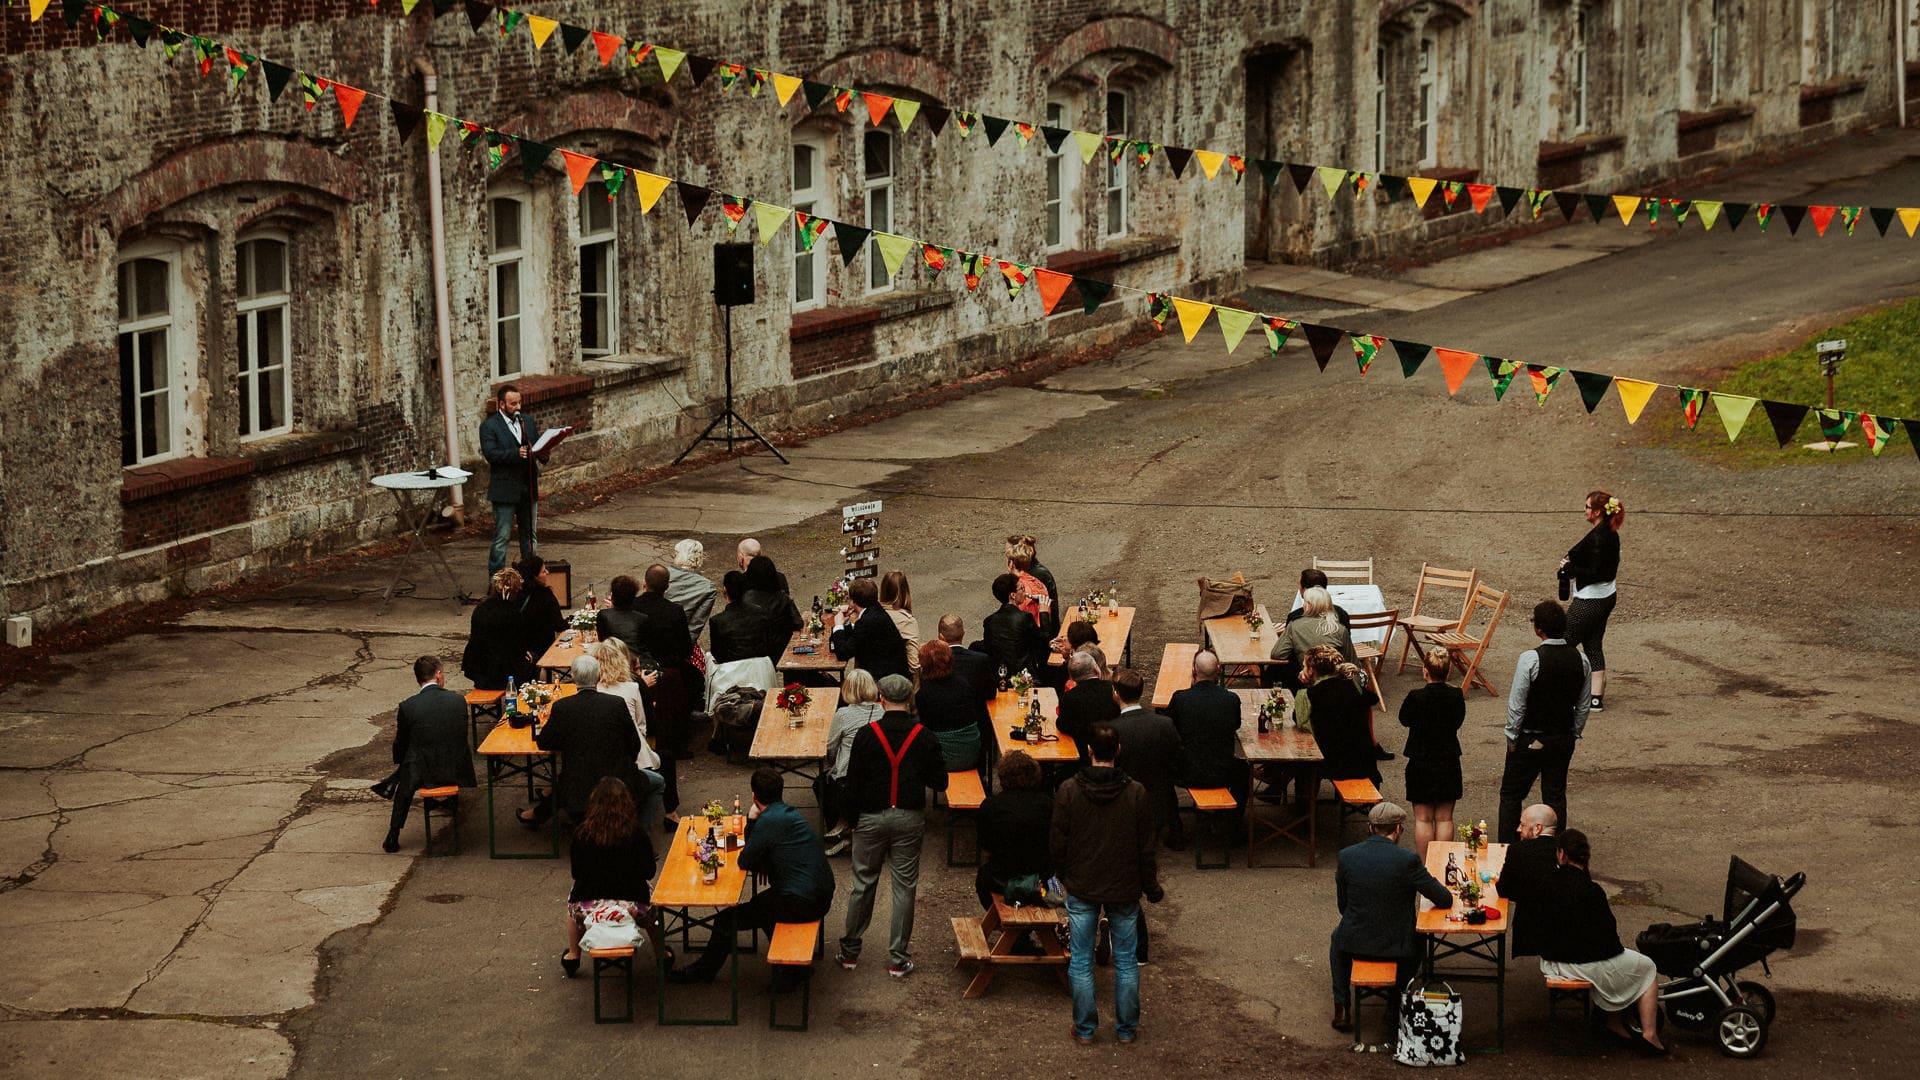 Hochzeitsfotograf Hamburg Stpauli Festung Grauer Ort 0003